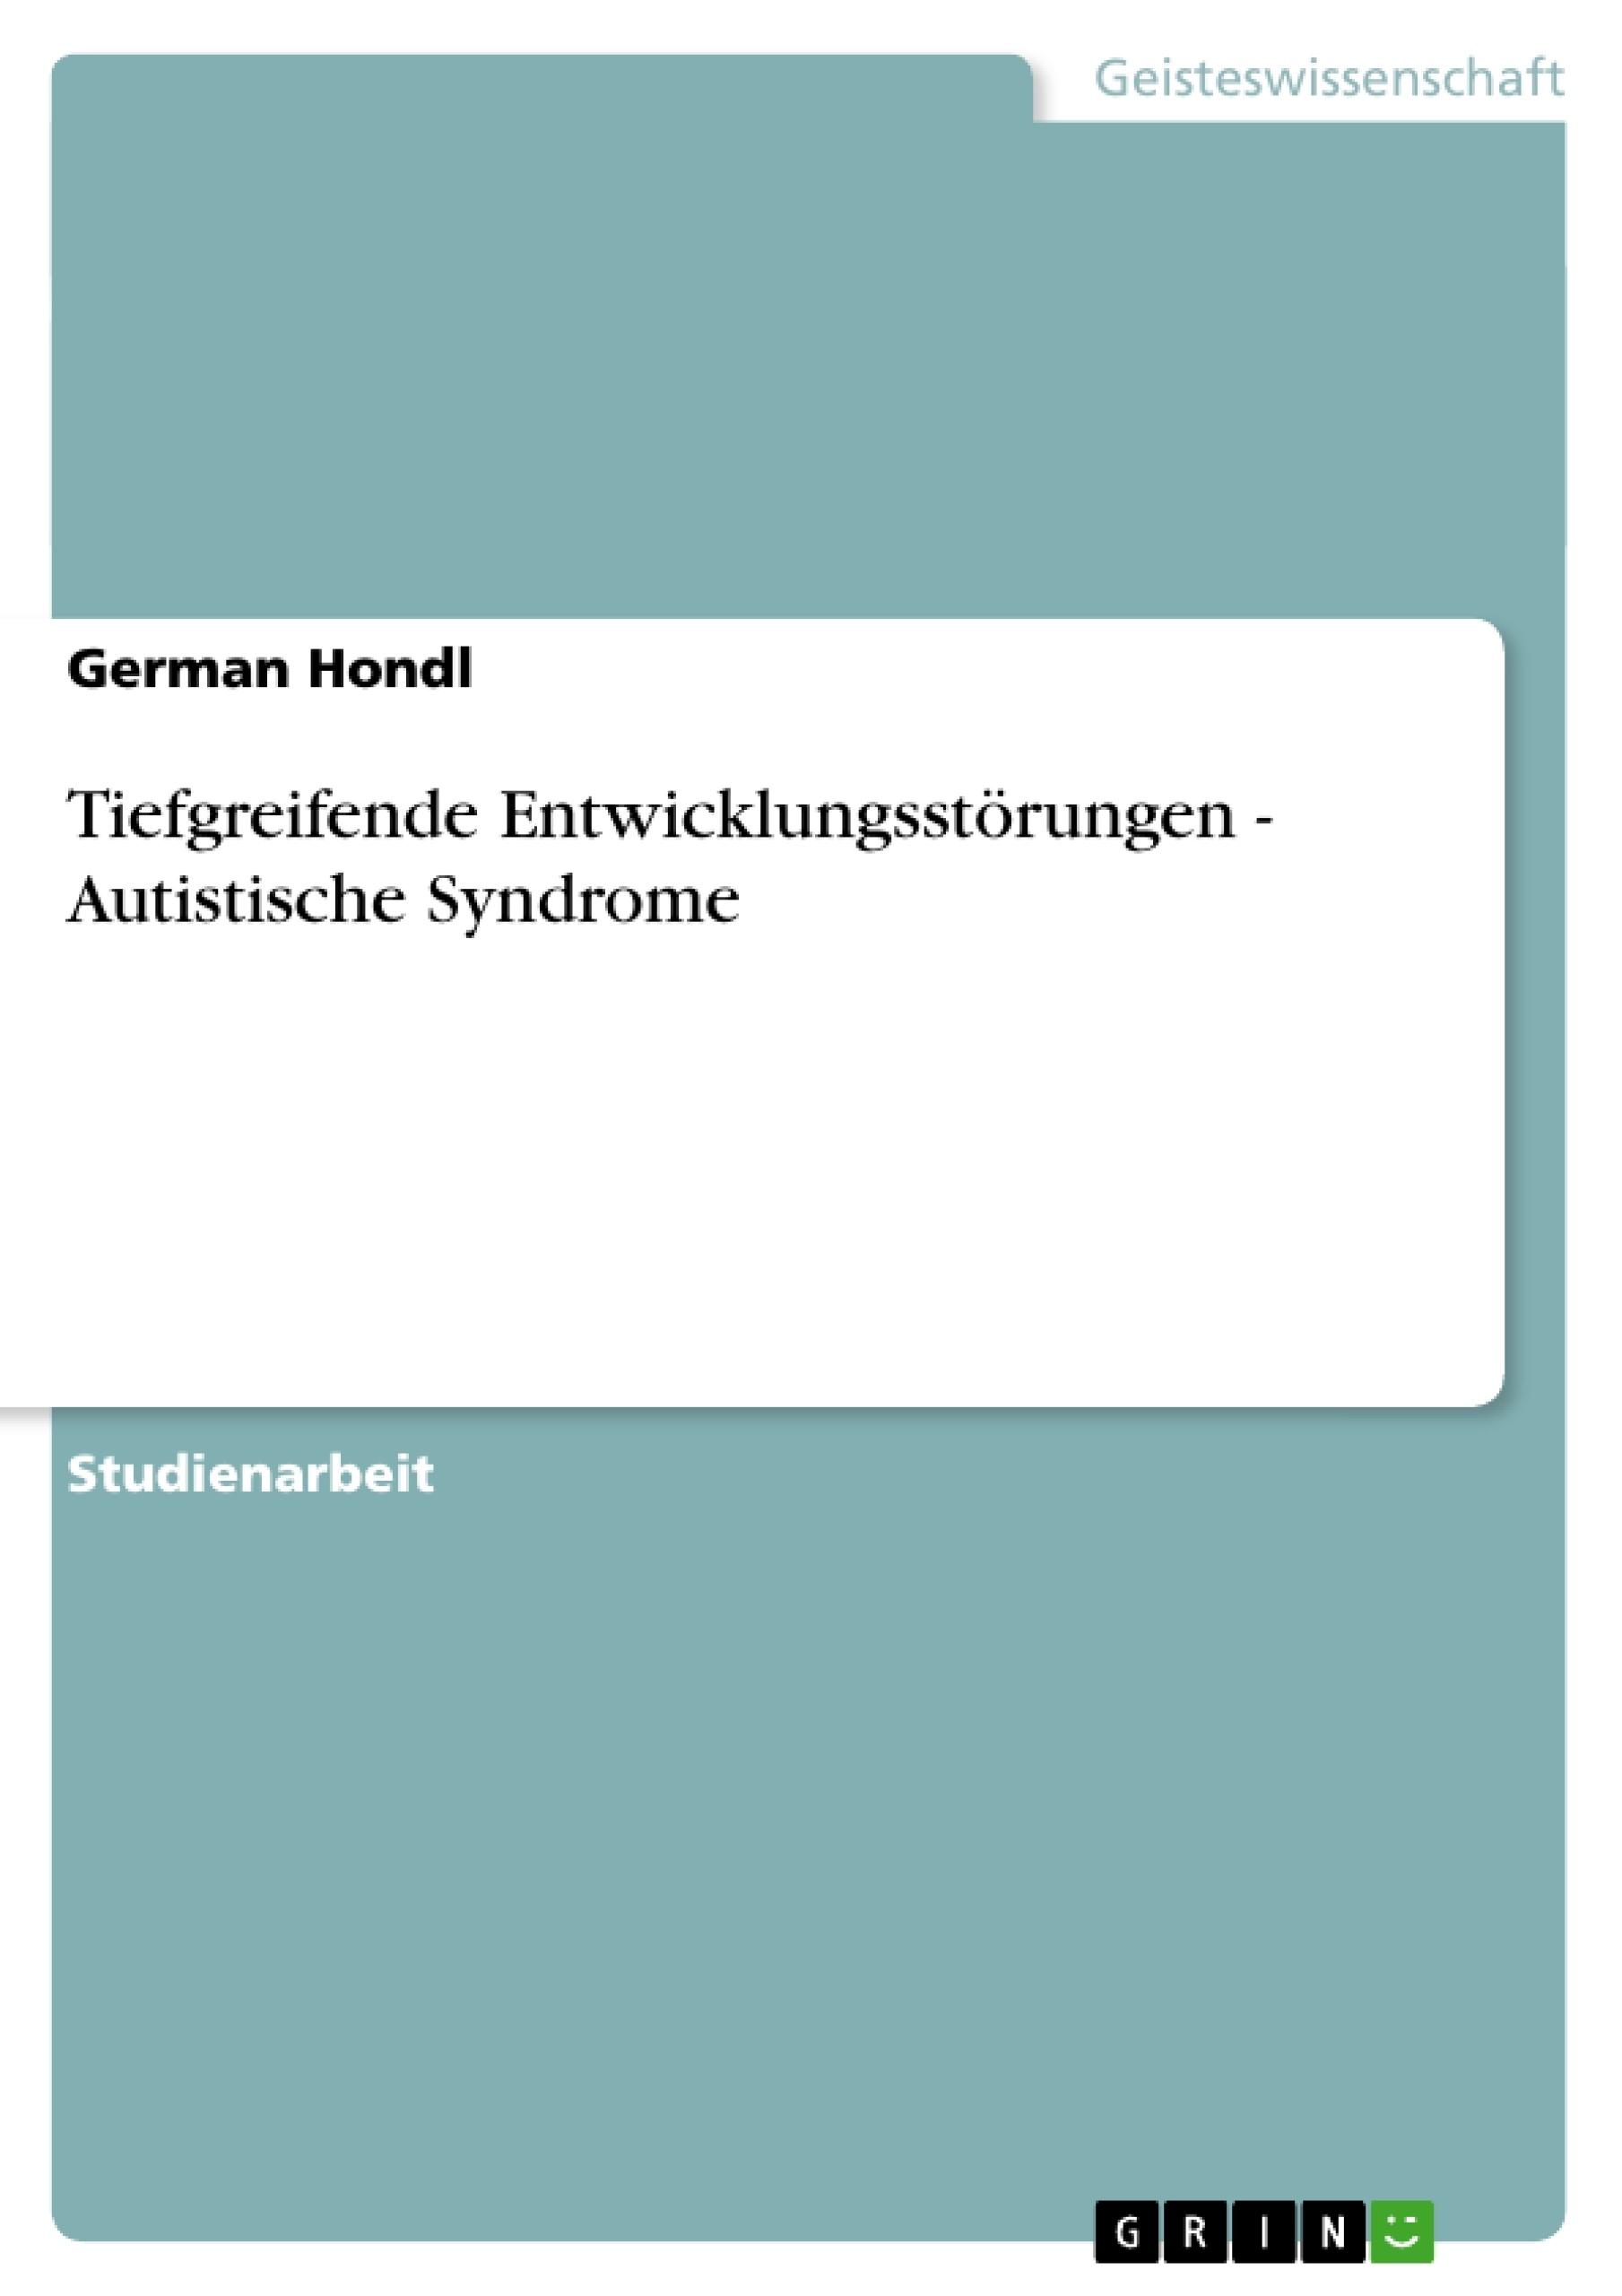 Titel: Tiefgreifende Entwicklungsstörungen - Autistische Syndrome